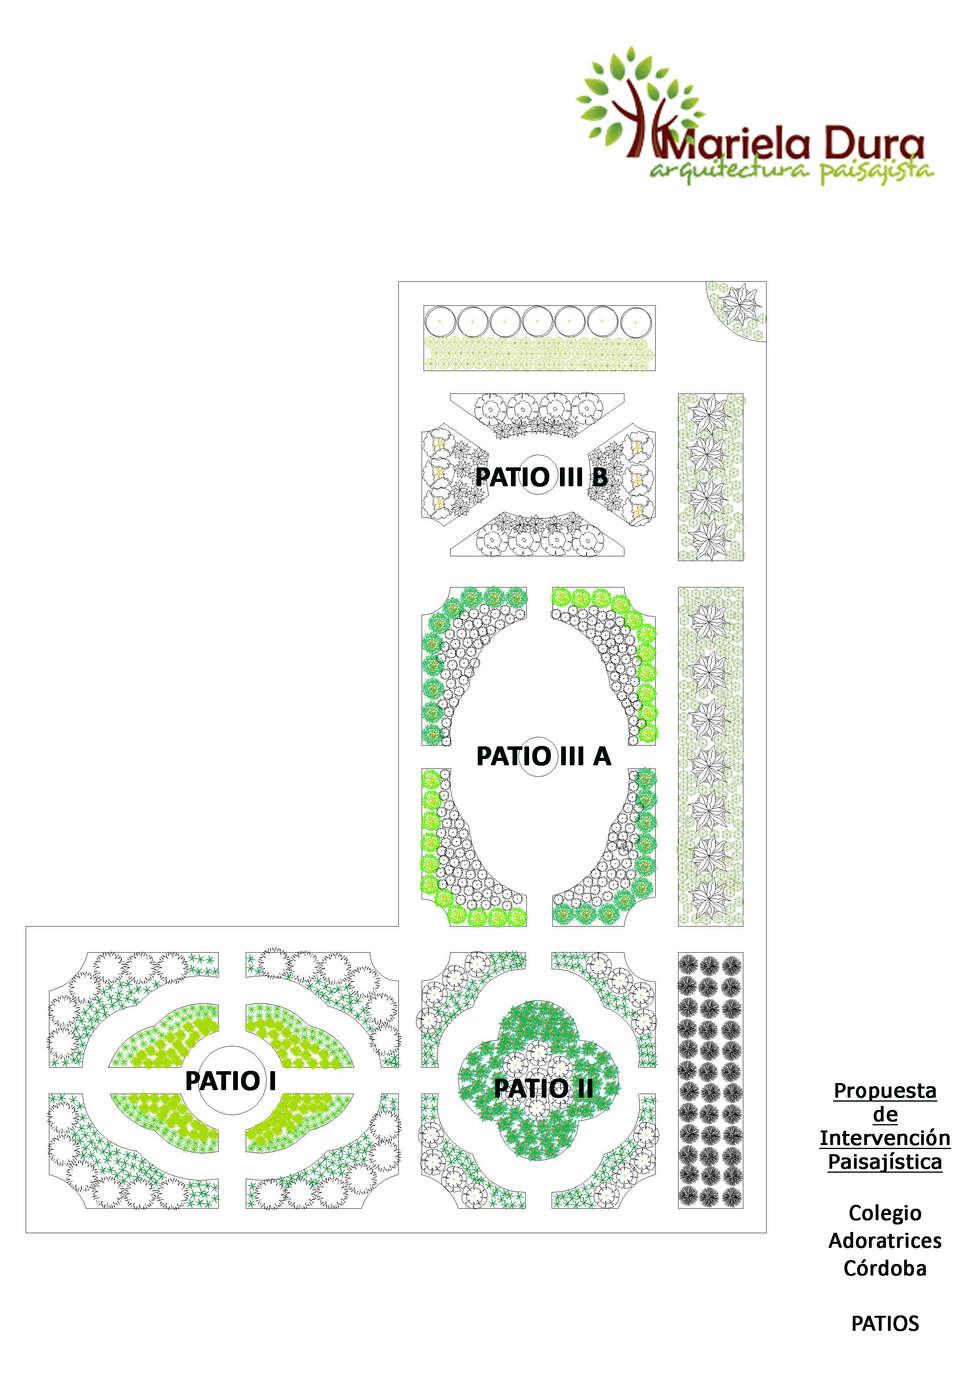 PROPUESTA DE INTERVENCIÓN PAISAJISTA - Esquema General del Lugar : Jardines de estilo clásico por MARIELA DURA ARQUITECTURA PAISAJISTA